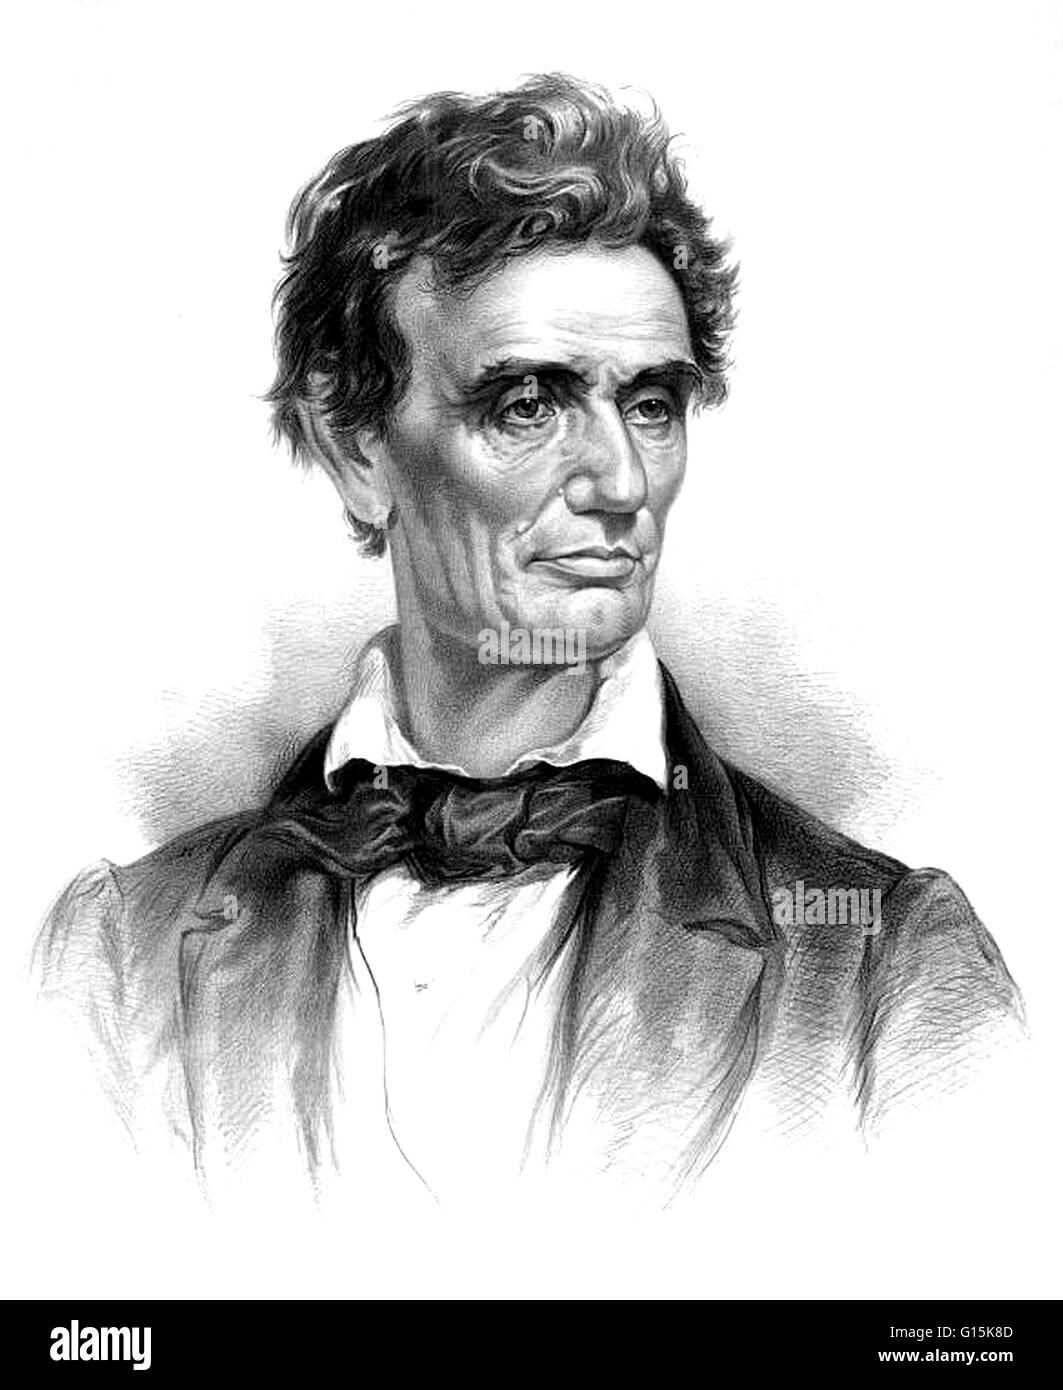 Abraham Lincoln (12 février 1809 - 15 avril 1865) a été le 16e président des États-Unis, Photo Stock